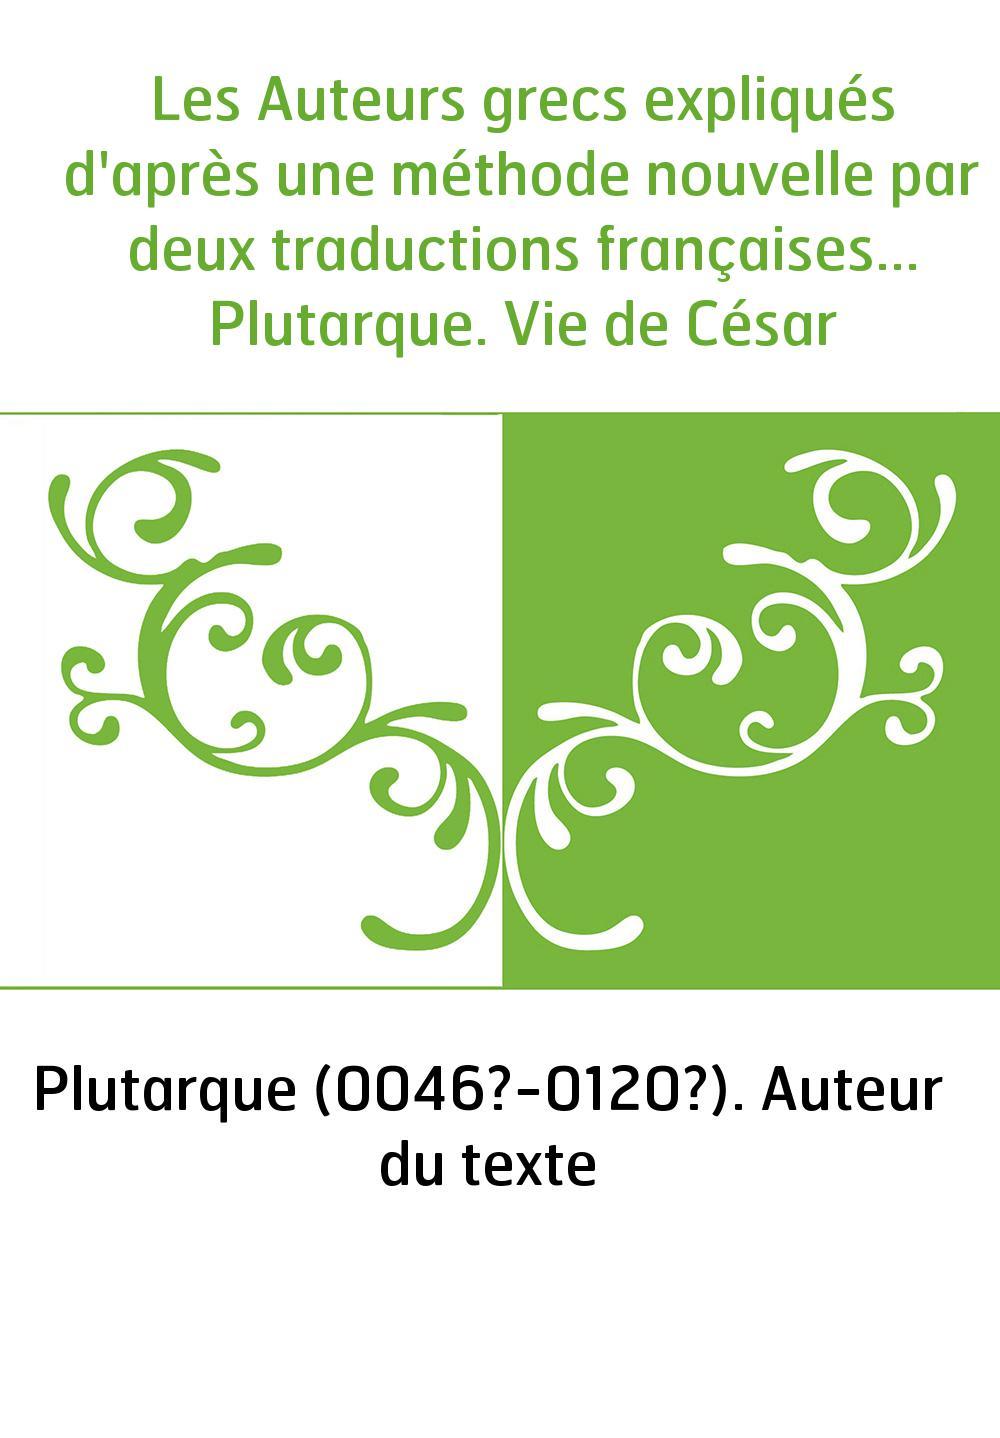 Les Auteurs grecs expliqués d'après une méthode nouvelle par deux traductions françaises... Plutarque. Vie de César